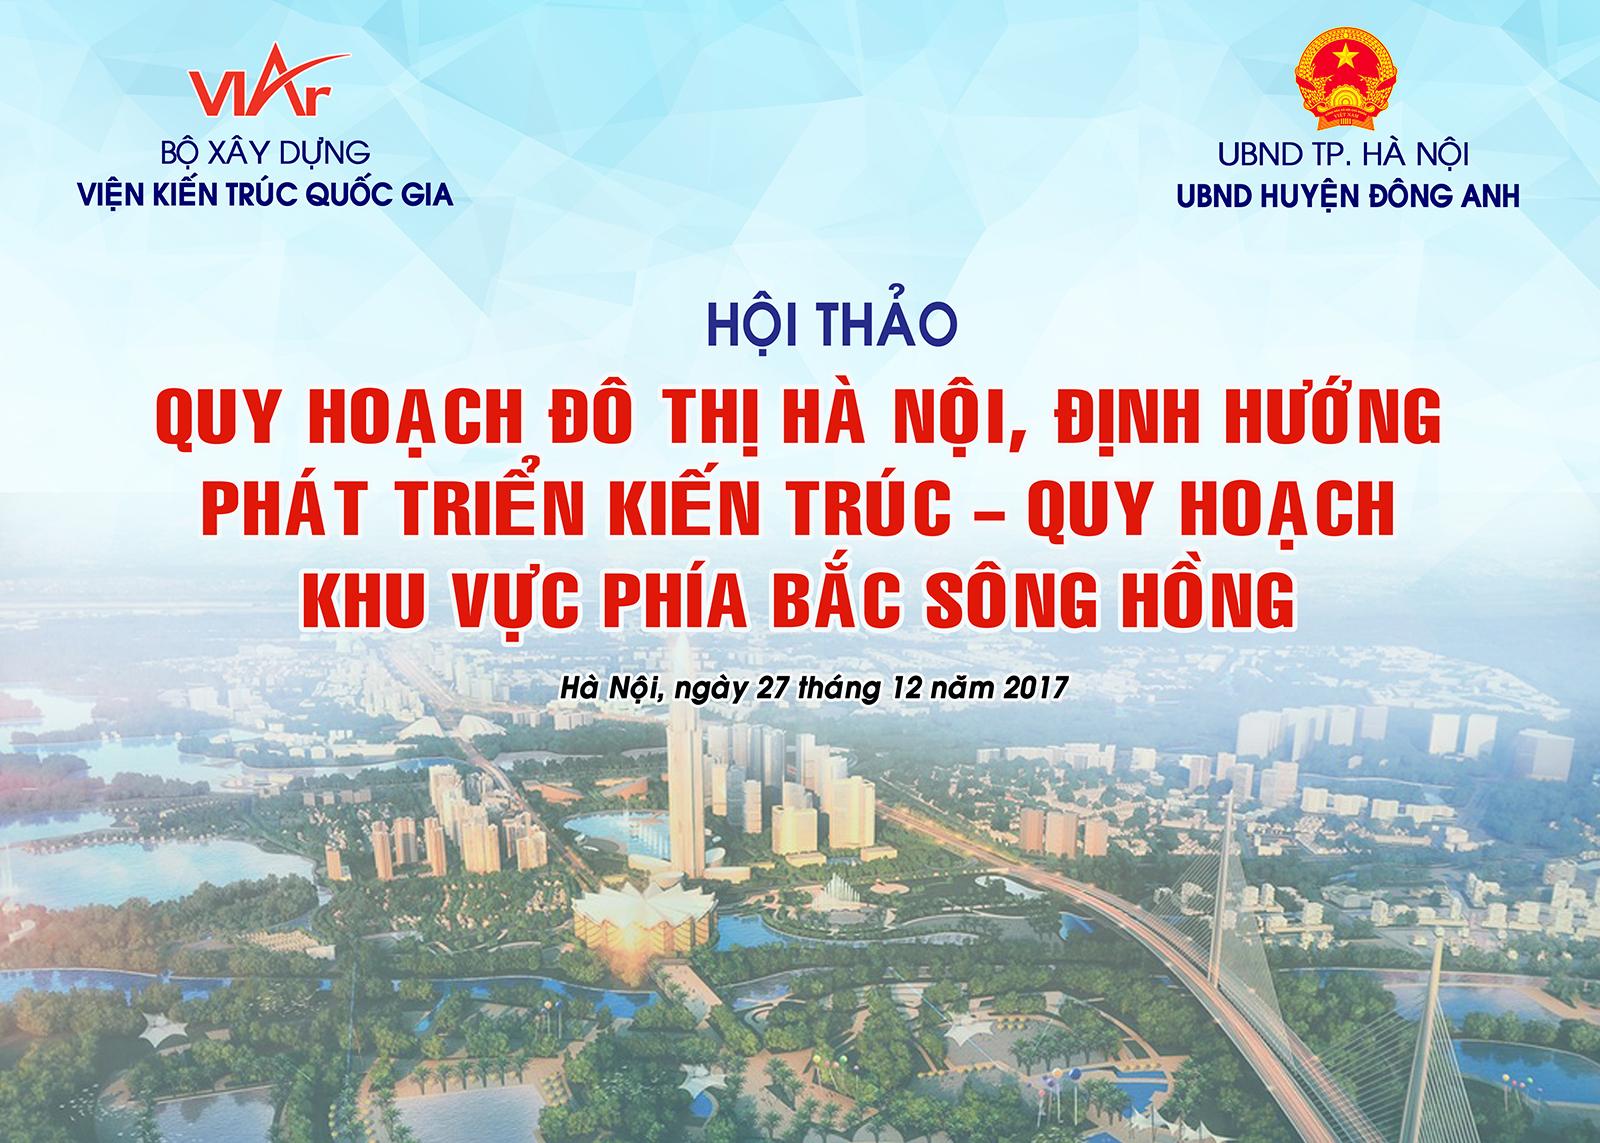 """Hội thảo """"Quy hoạch đô thị Hà Nội định hướng phát triển kiến trúc–quy hoạch khu vực phía Bắc sông Hồng"""""""